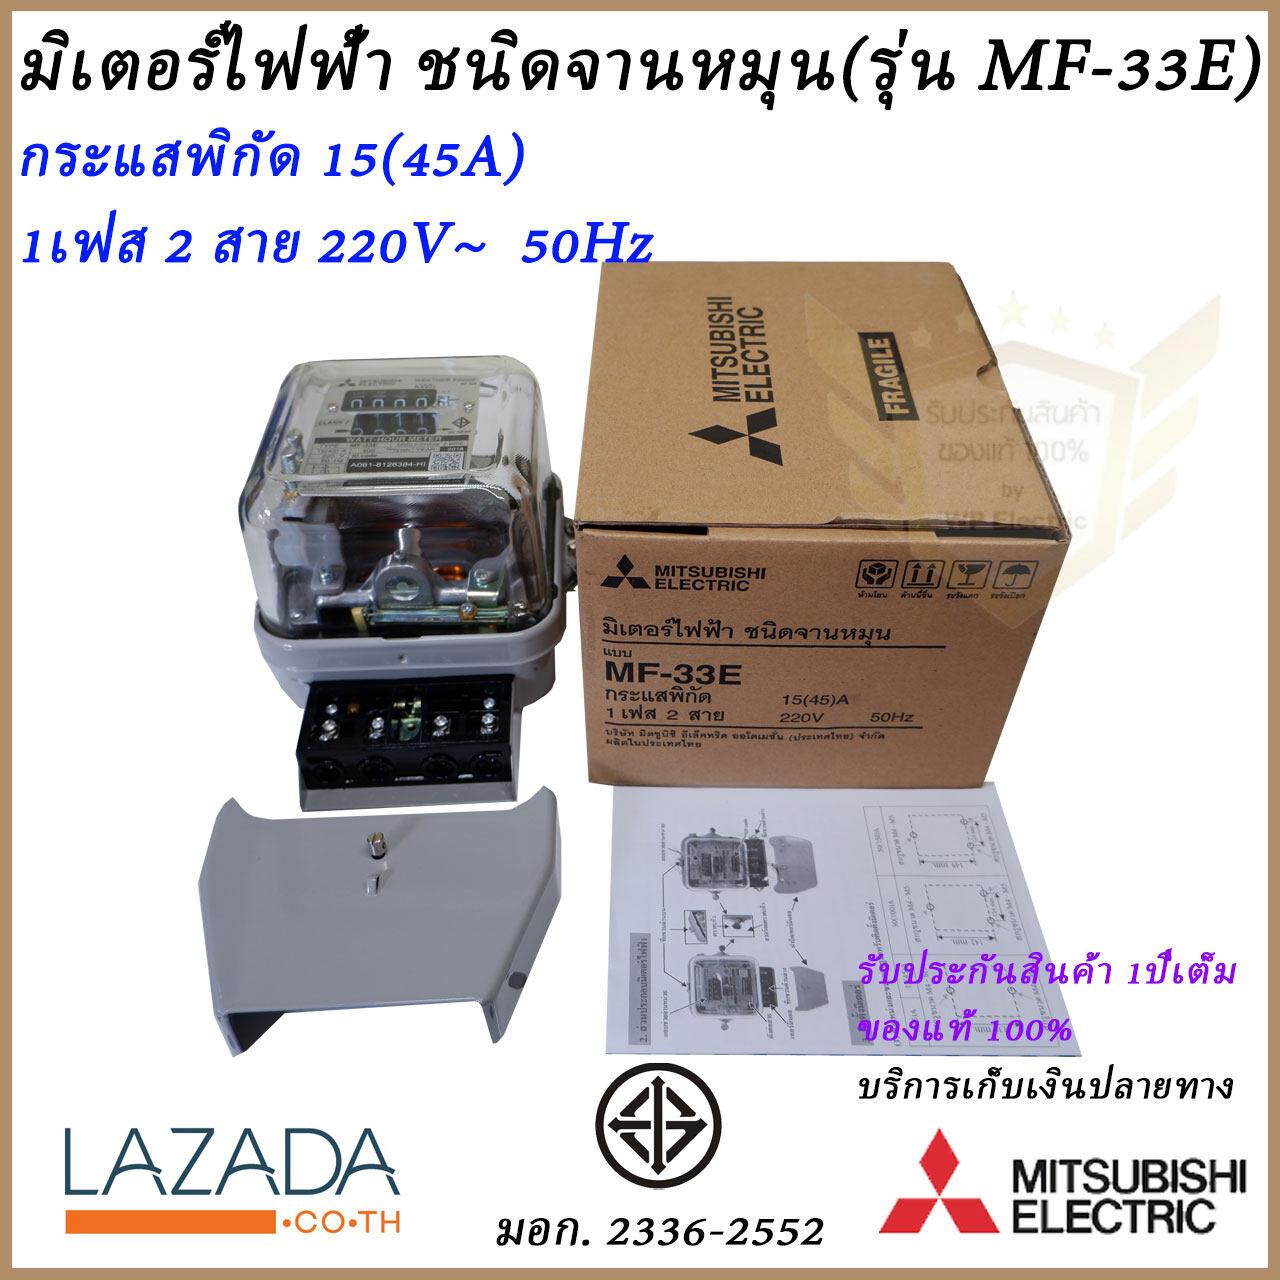 มิเตอร์ไฟฟ้า ชนิดจานหมุน รุ่น MF-33E 1เฟส 2สาย 15(45)A 220V~ ยี่ห้อ มิตซูบิชิ แท้100%